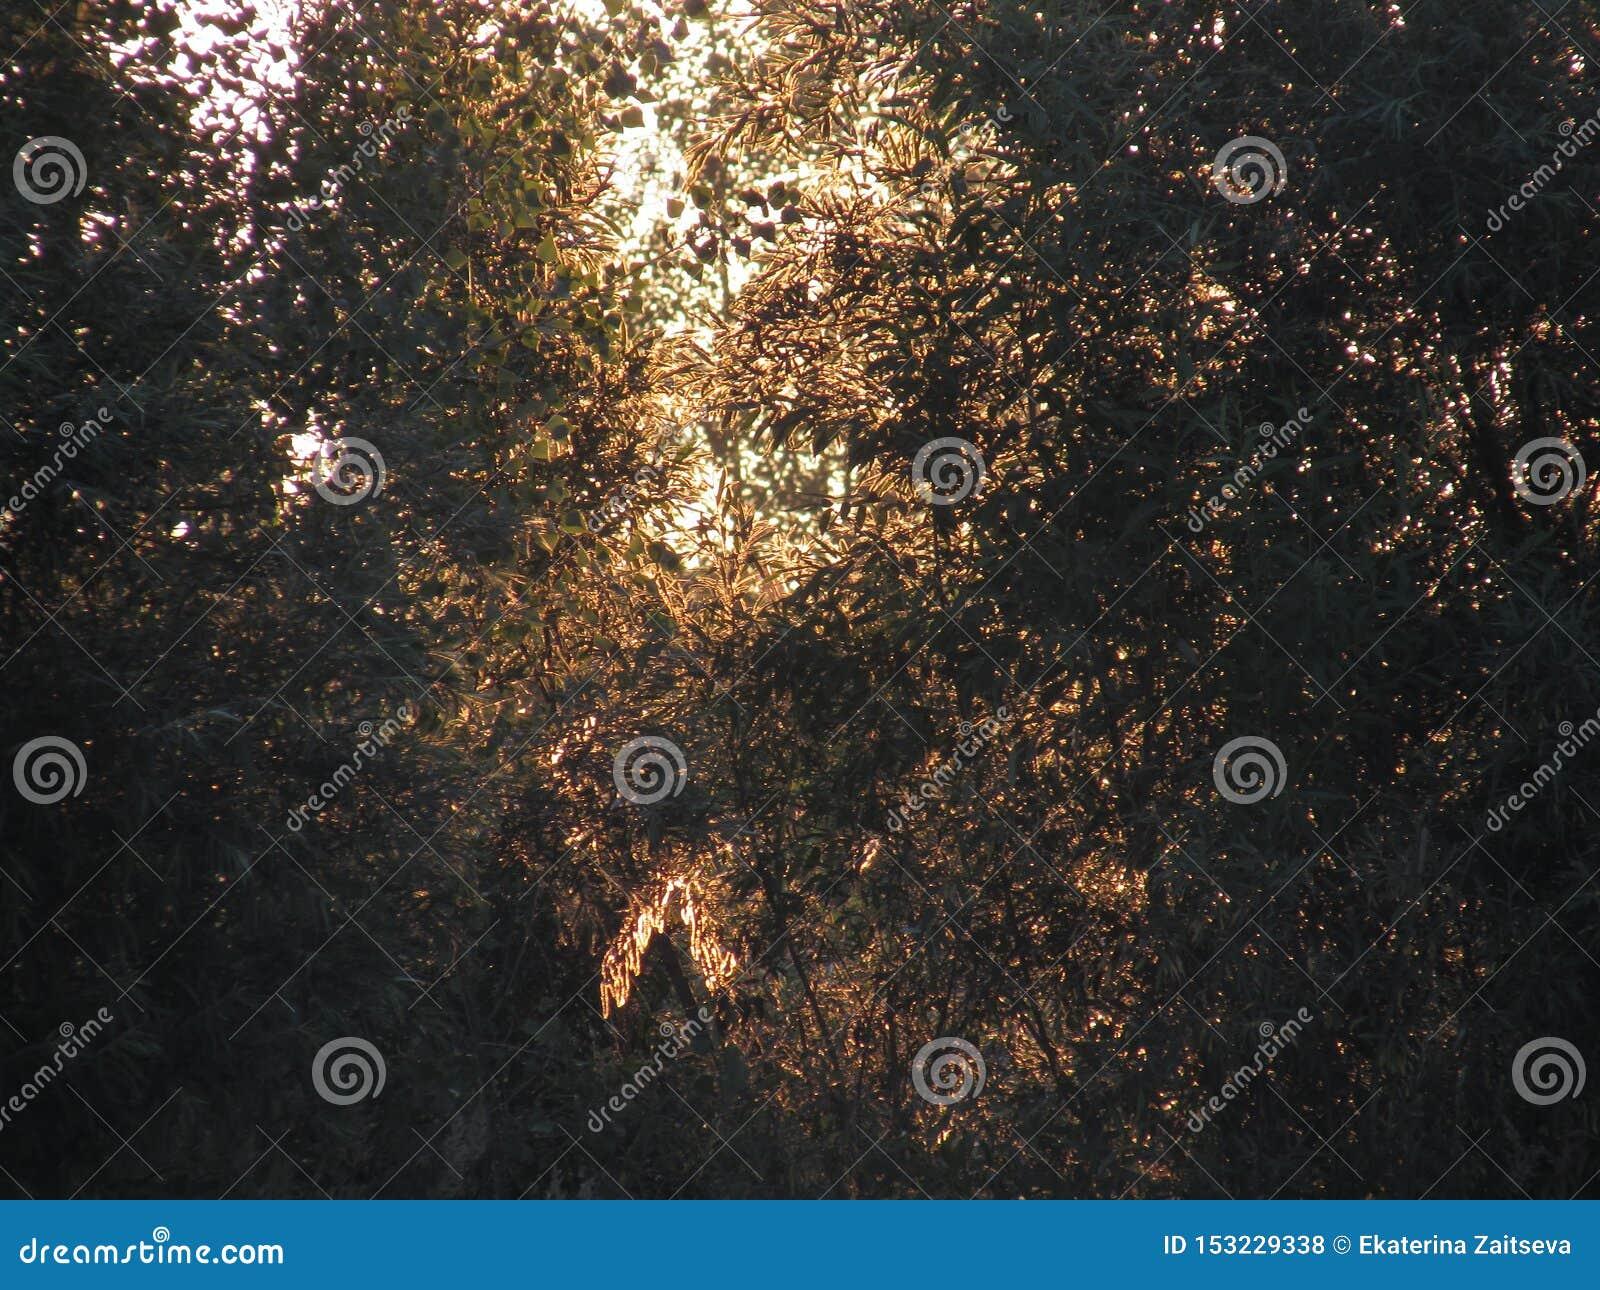 Фантастический красивый контур openwork солнечной золотой листвы кустов и деревьев в свете поднимая желтого солнца